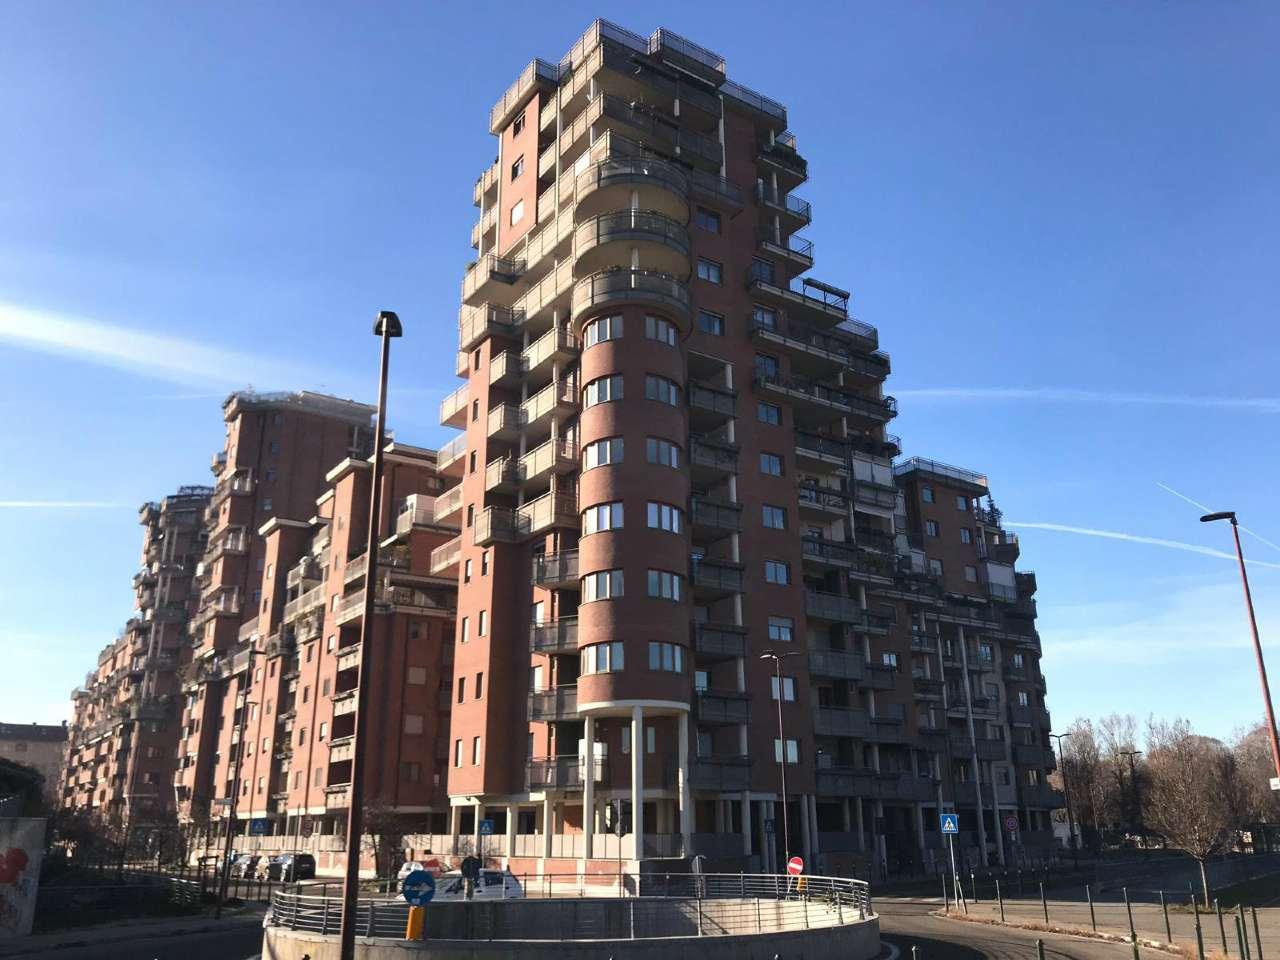 Appartamento in affitto Zona Cit Turin, San Donato, Campidoglio - via Doubree 10 Torino